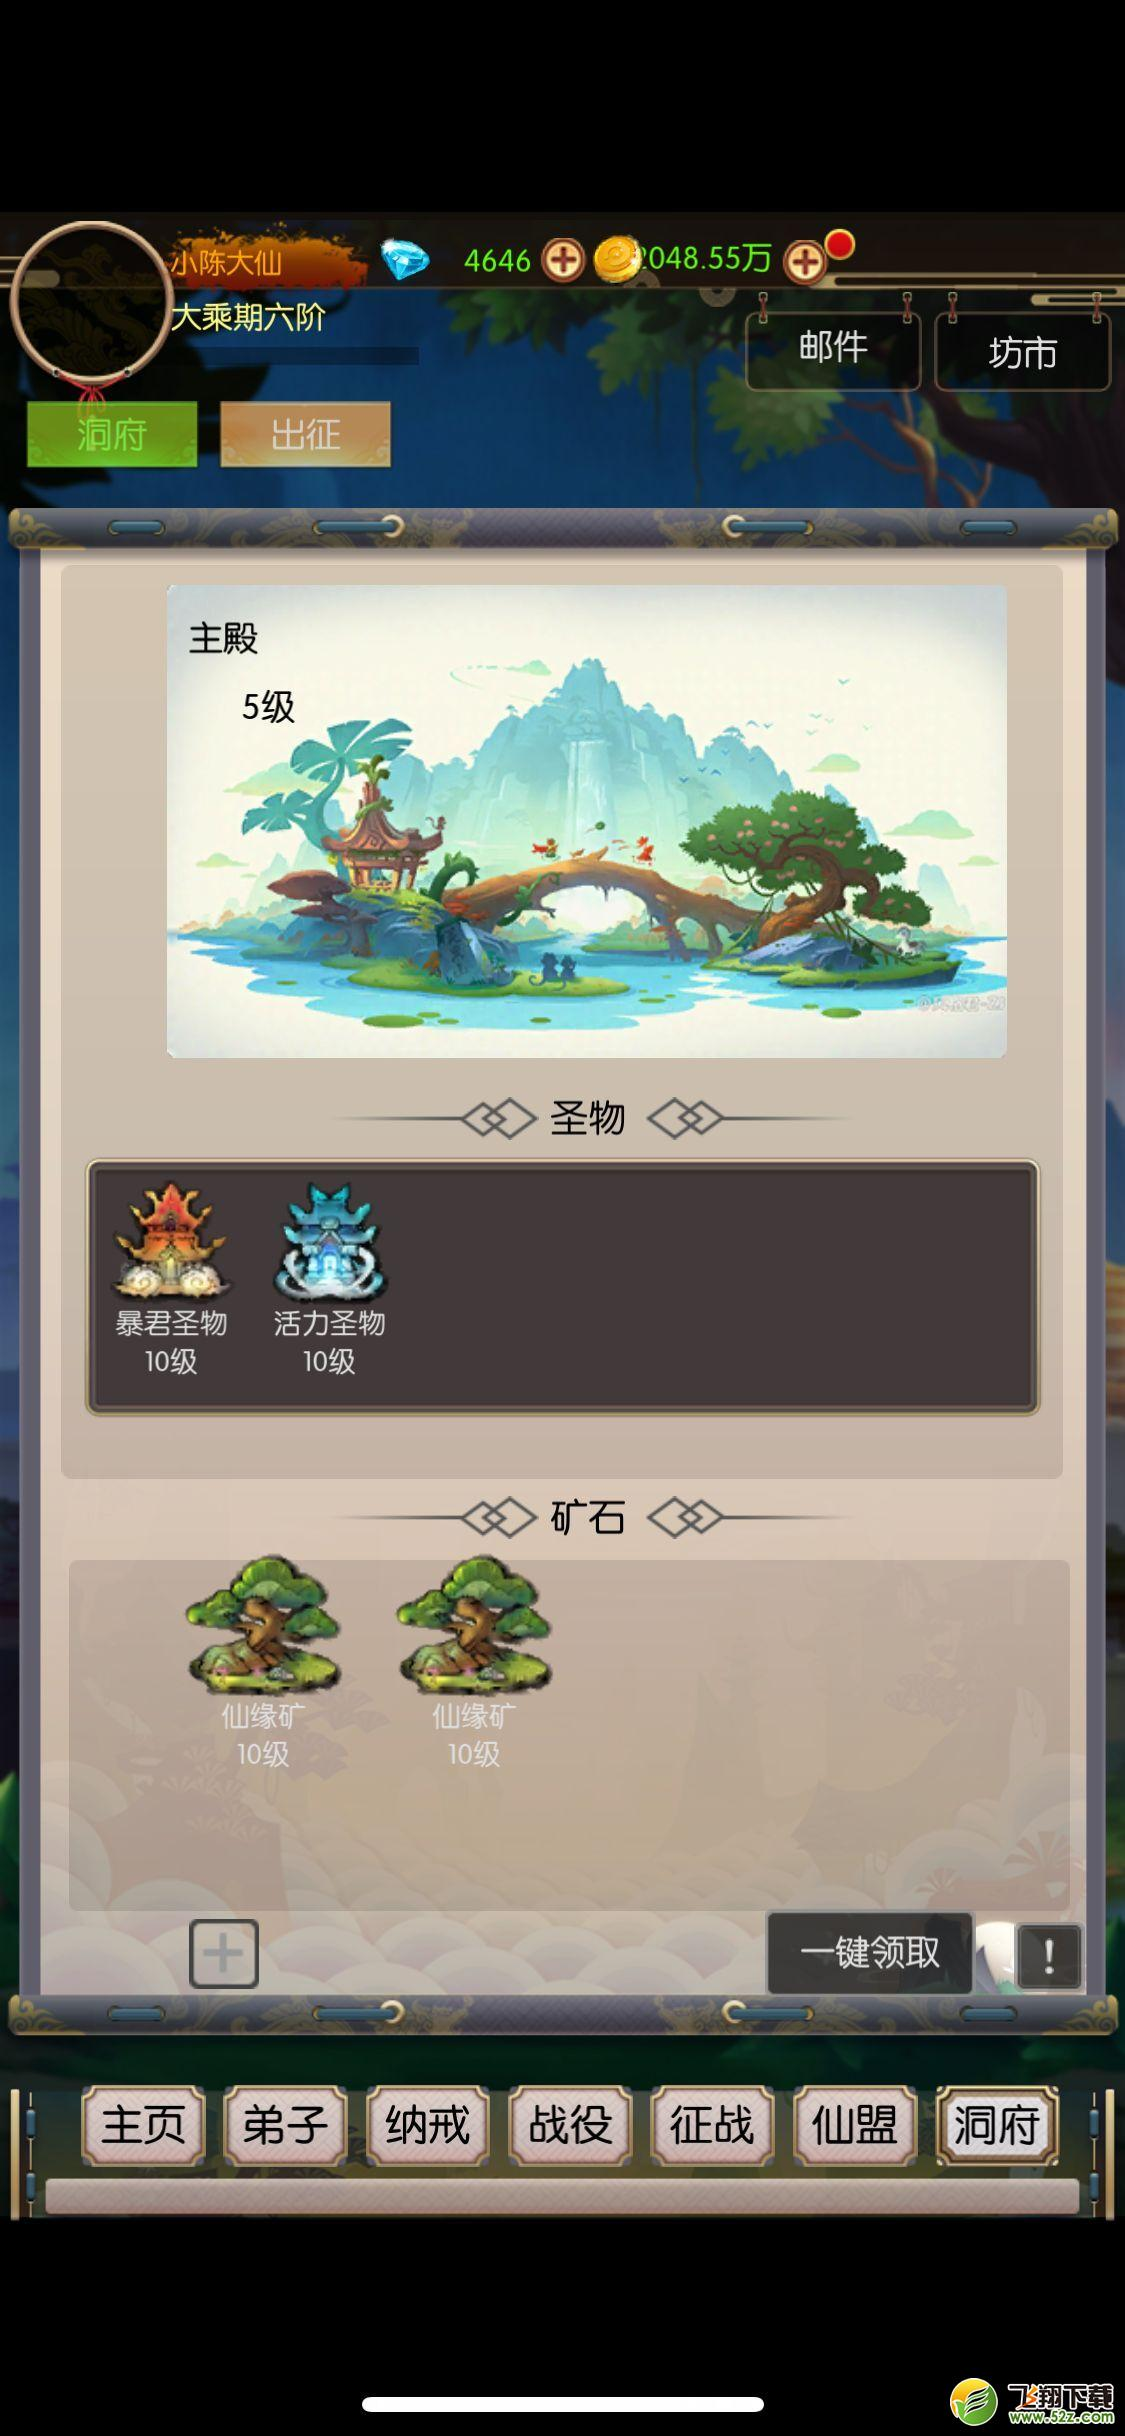 无尽修真之太古神王V0.1.7 苹果版_52z.com